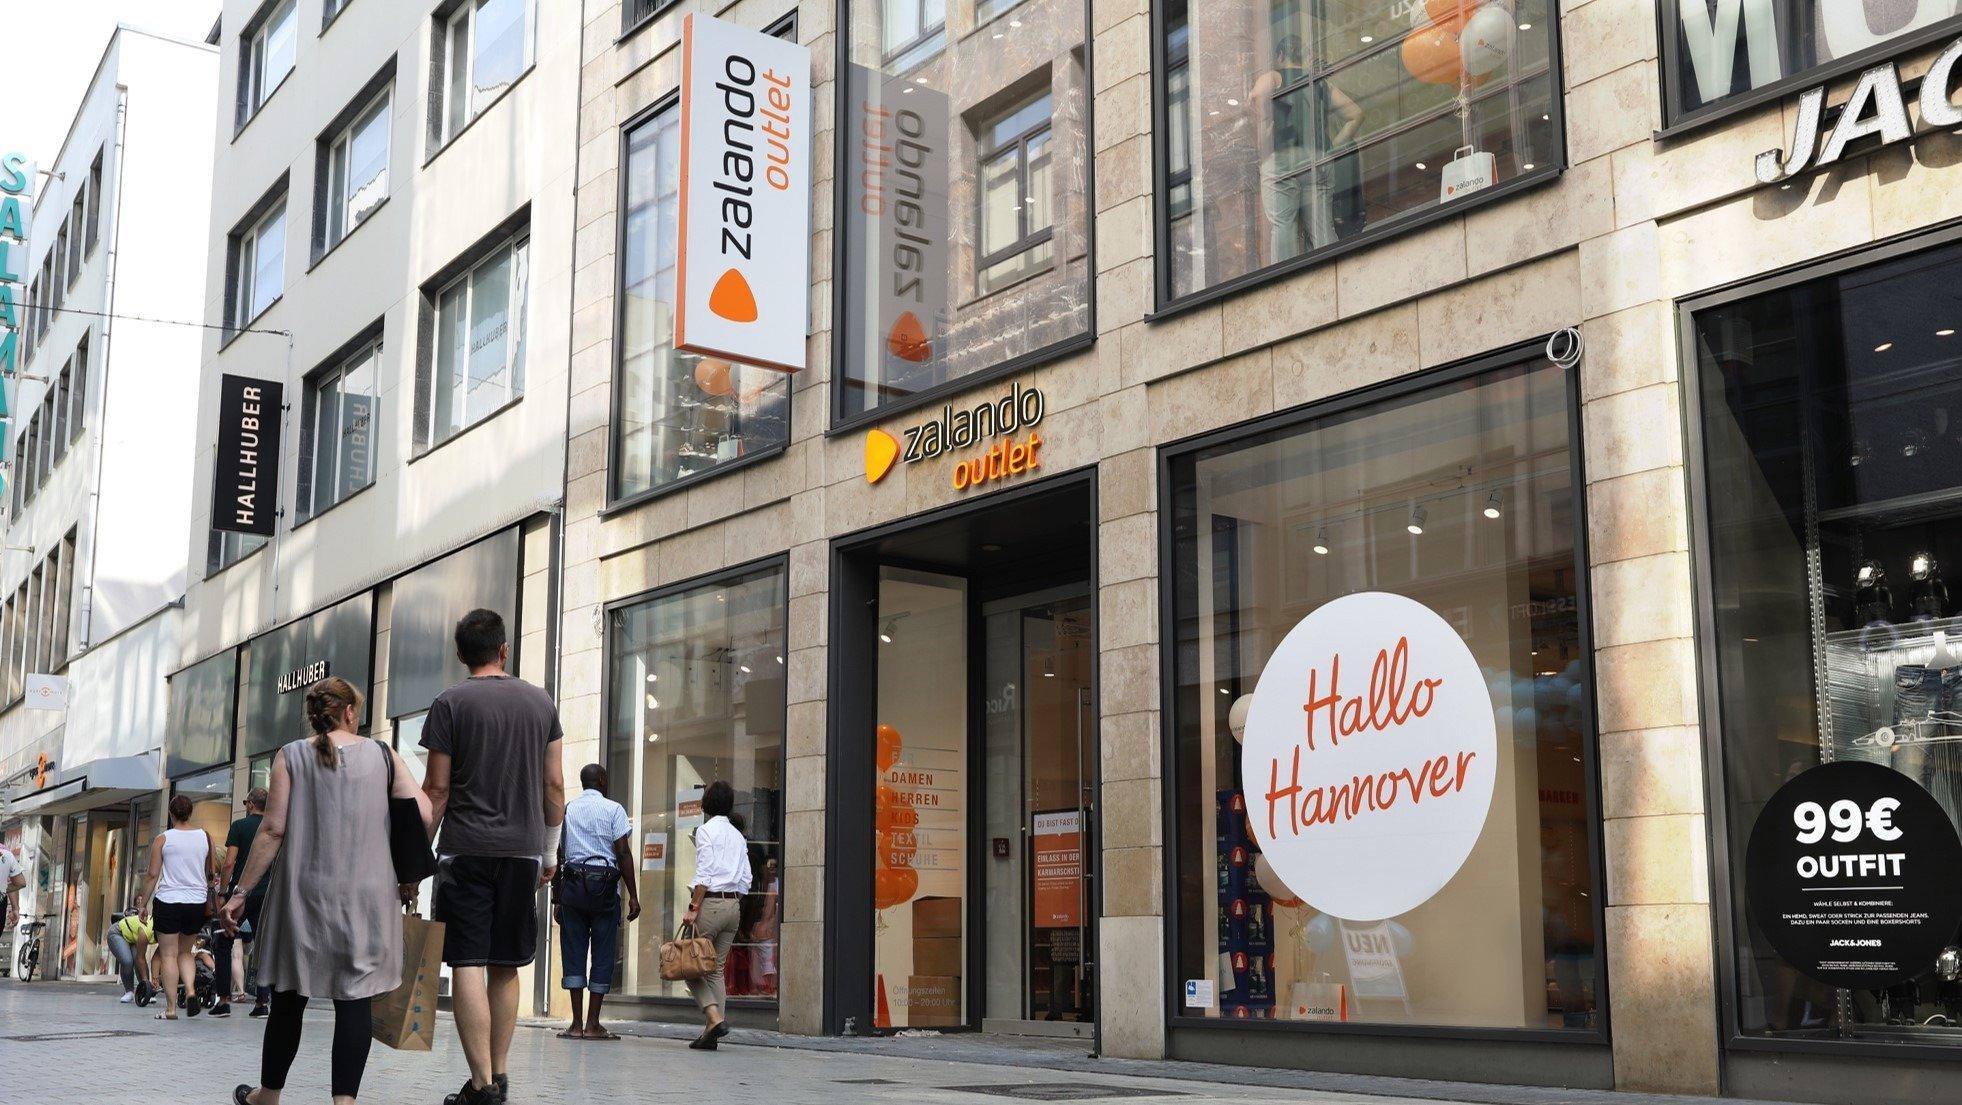 Stationärer Einzelhandel versus Online Retail: Ein Vergleich